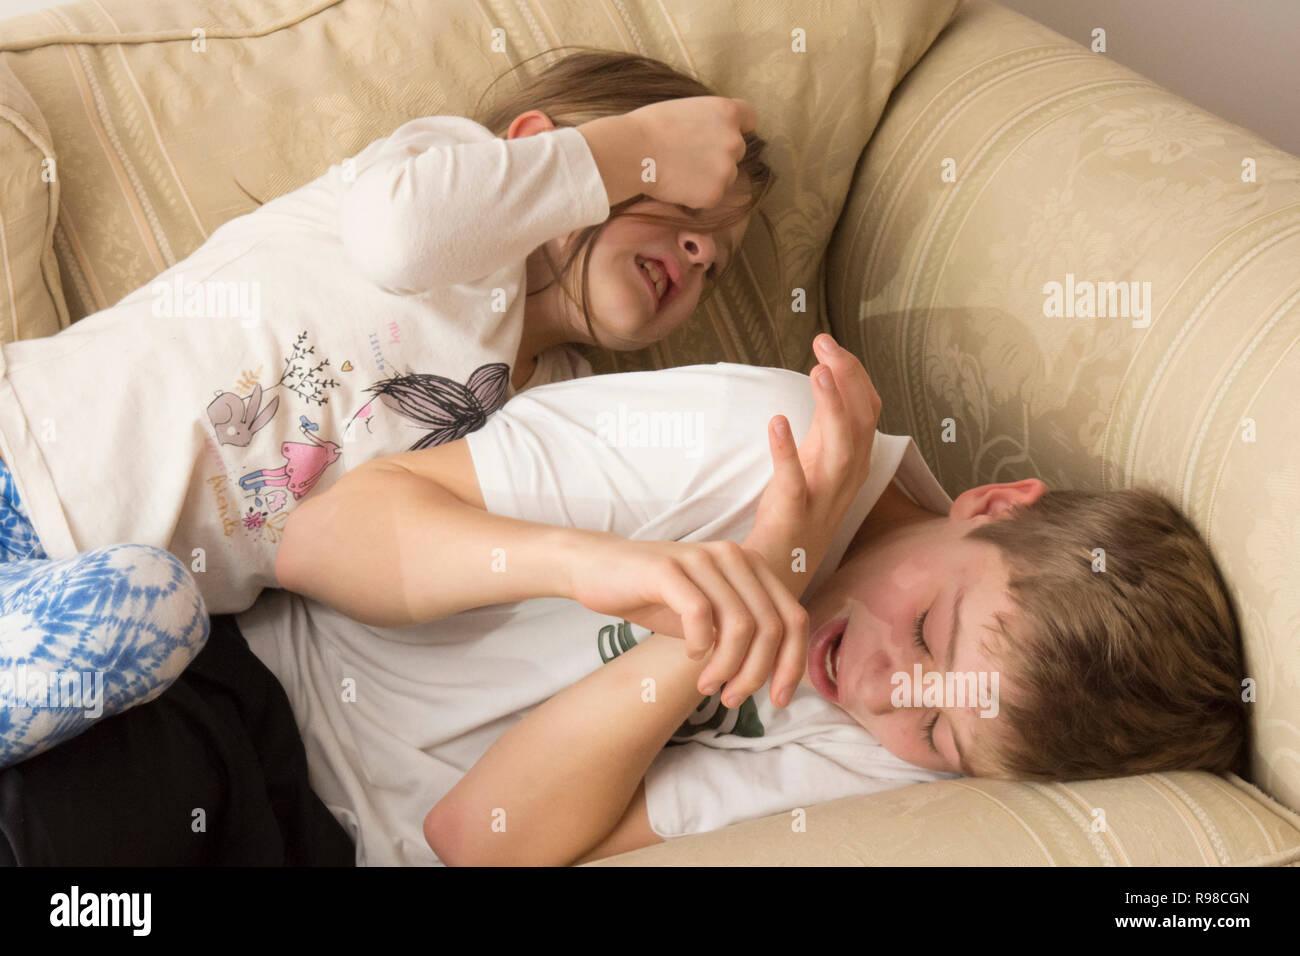 Bambini, un ragazzo e una ragazza, fratello e sorella, fratelli, play-fighting, combattimento, wrestling, rumoroso, violento, sul divano, dodici anni, sei anni. Foto Stock